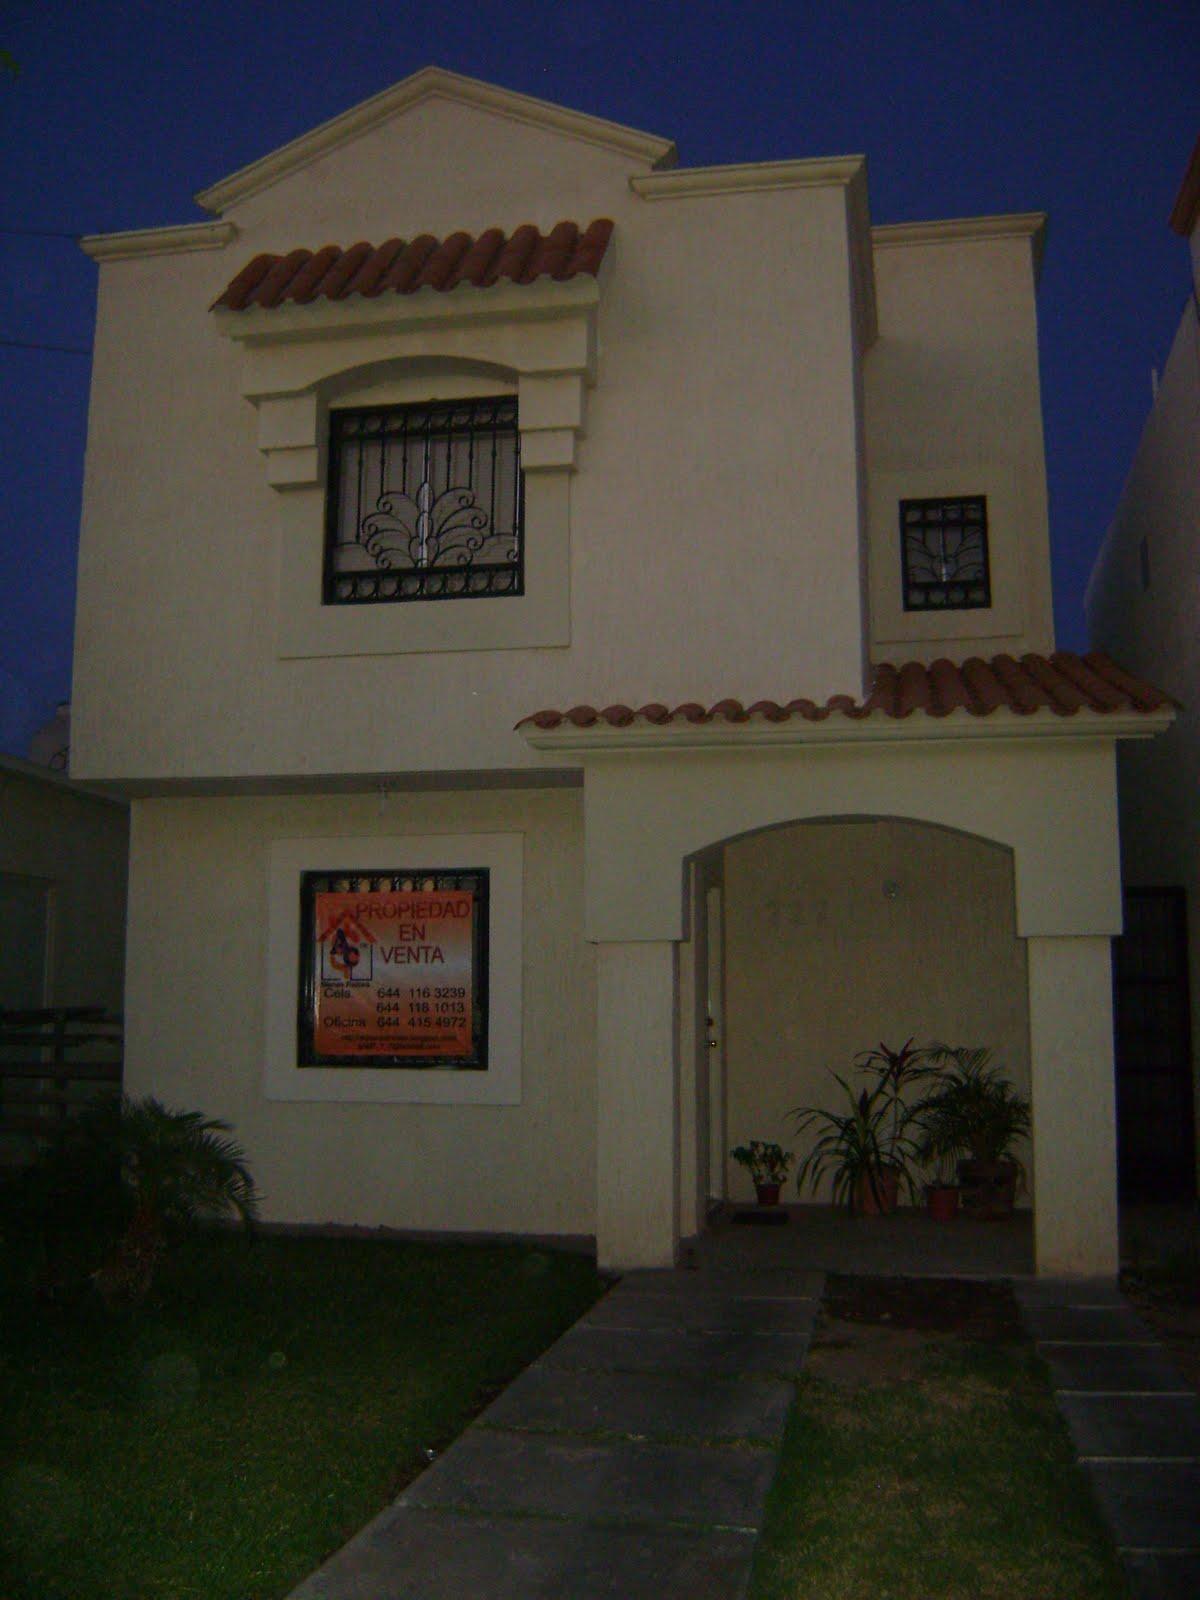 Ac ariel vende mayo 2010 - Proteccion para casas ...